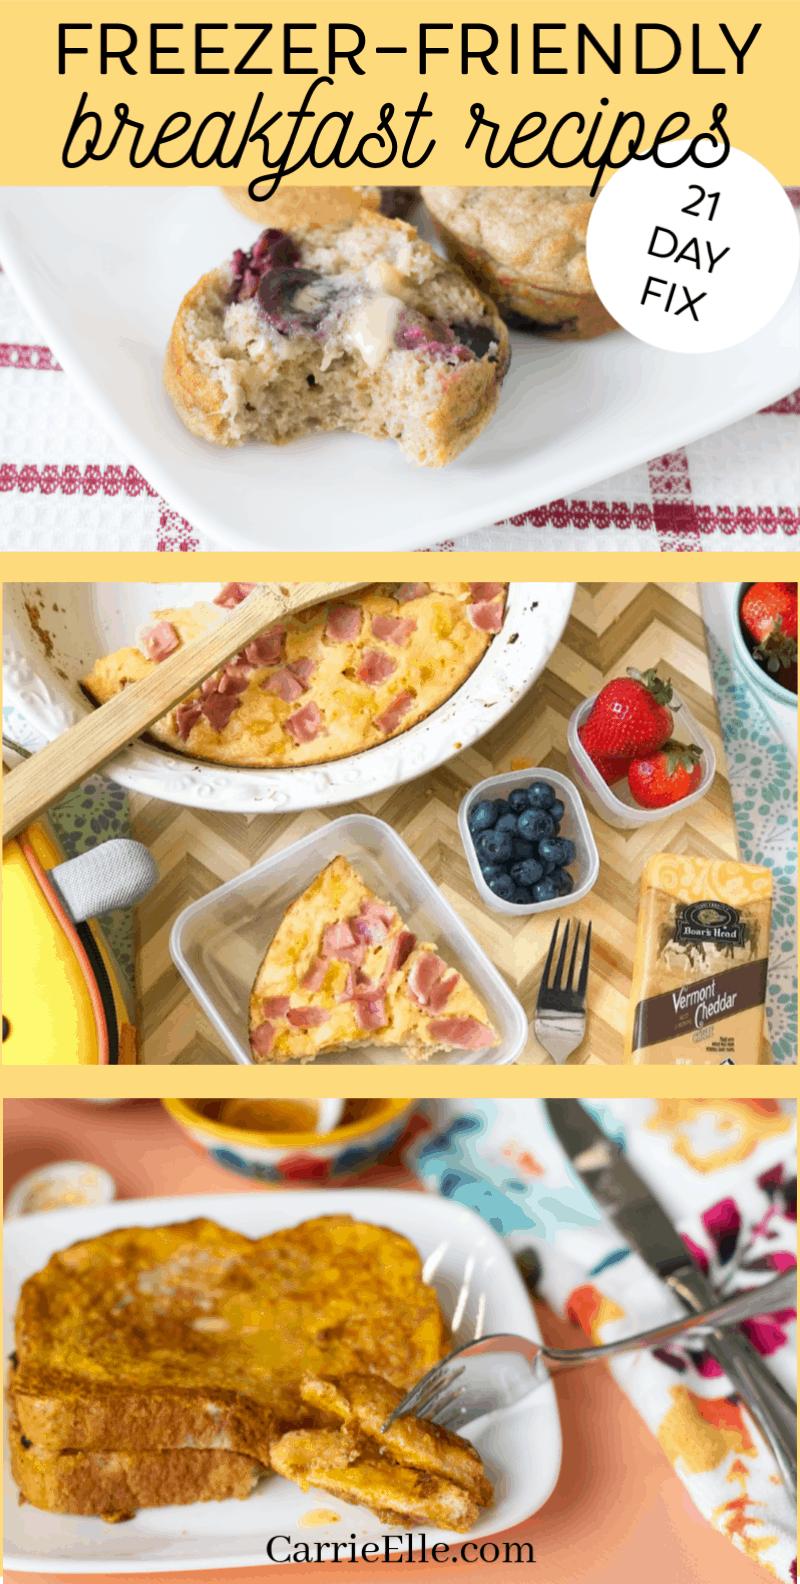 21 Day Fix Freezer-Friendly Breakfast Recipes